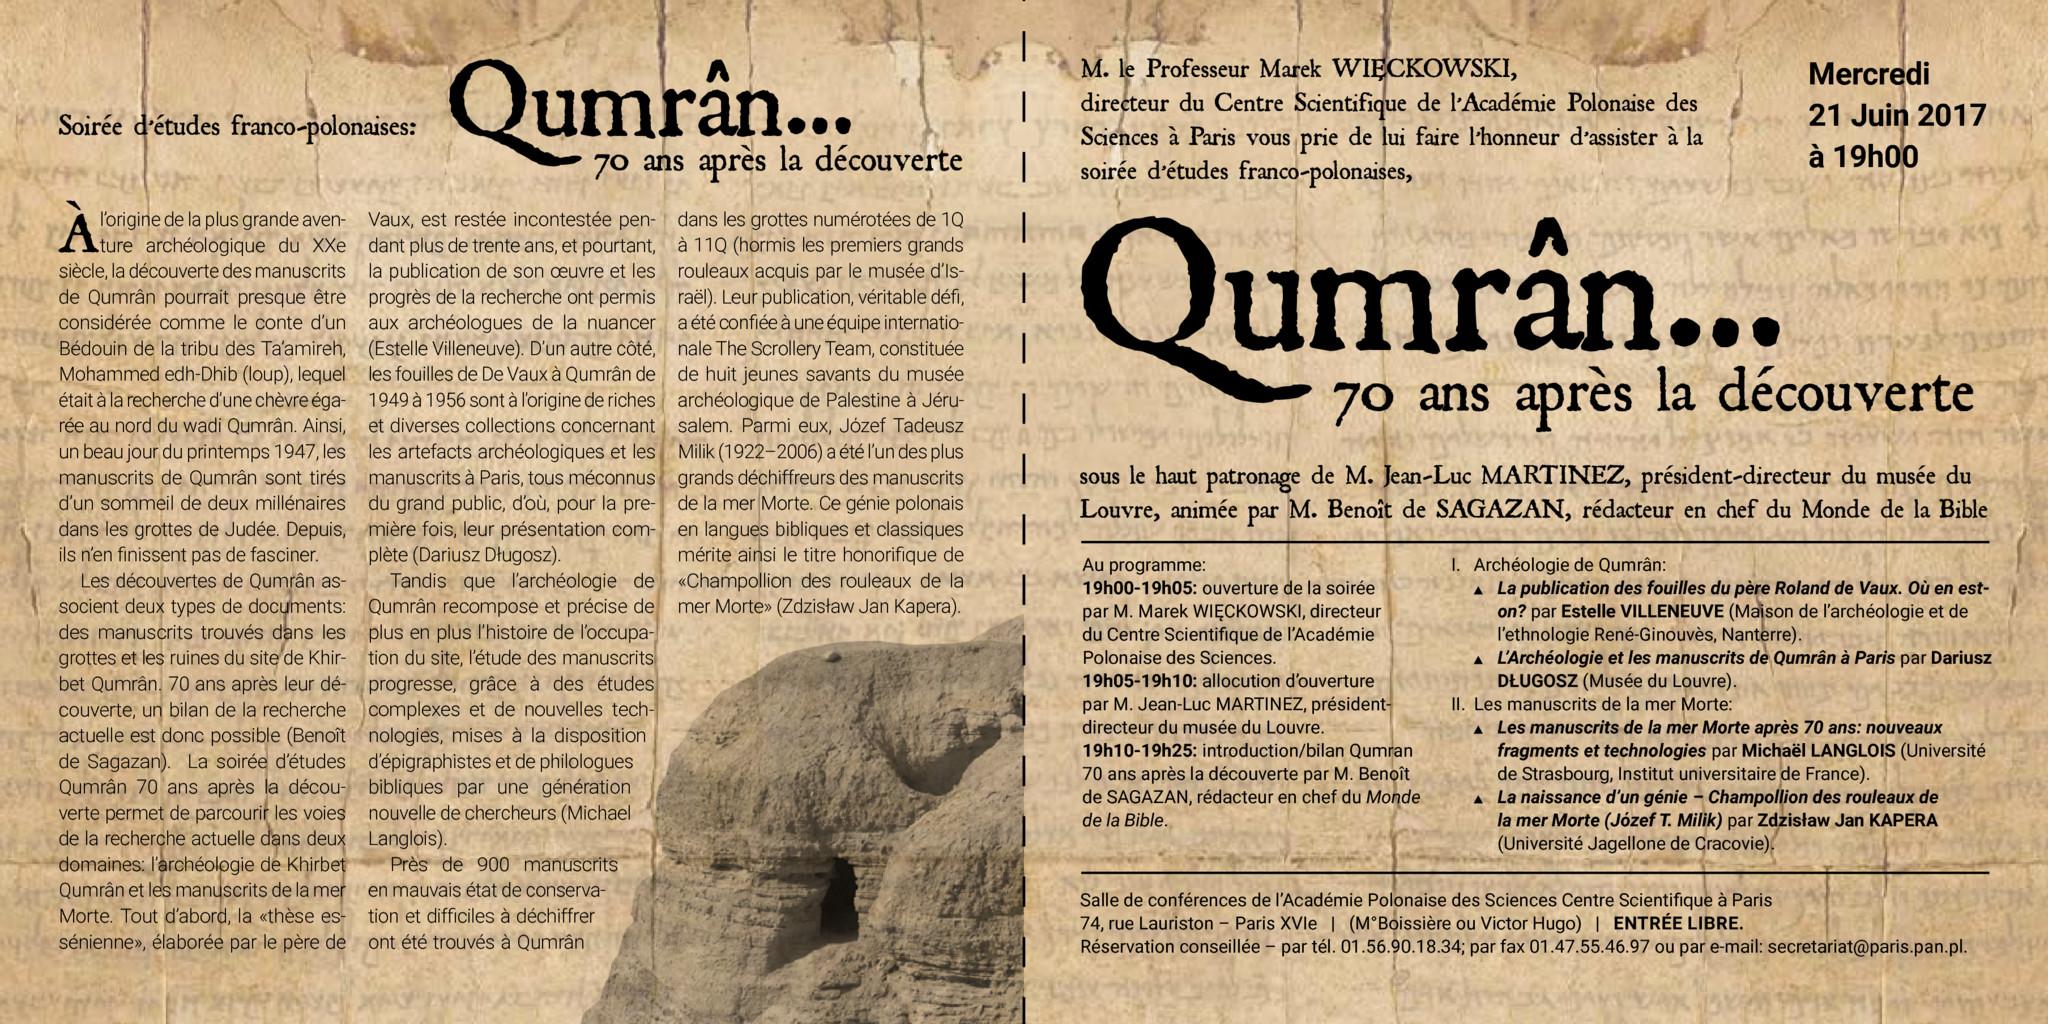 thumbnail of Qumrân 70 ans après la découverte — programme